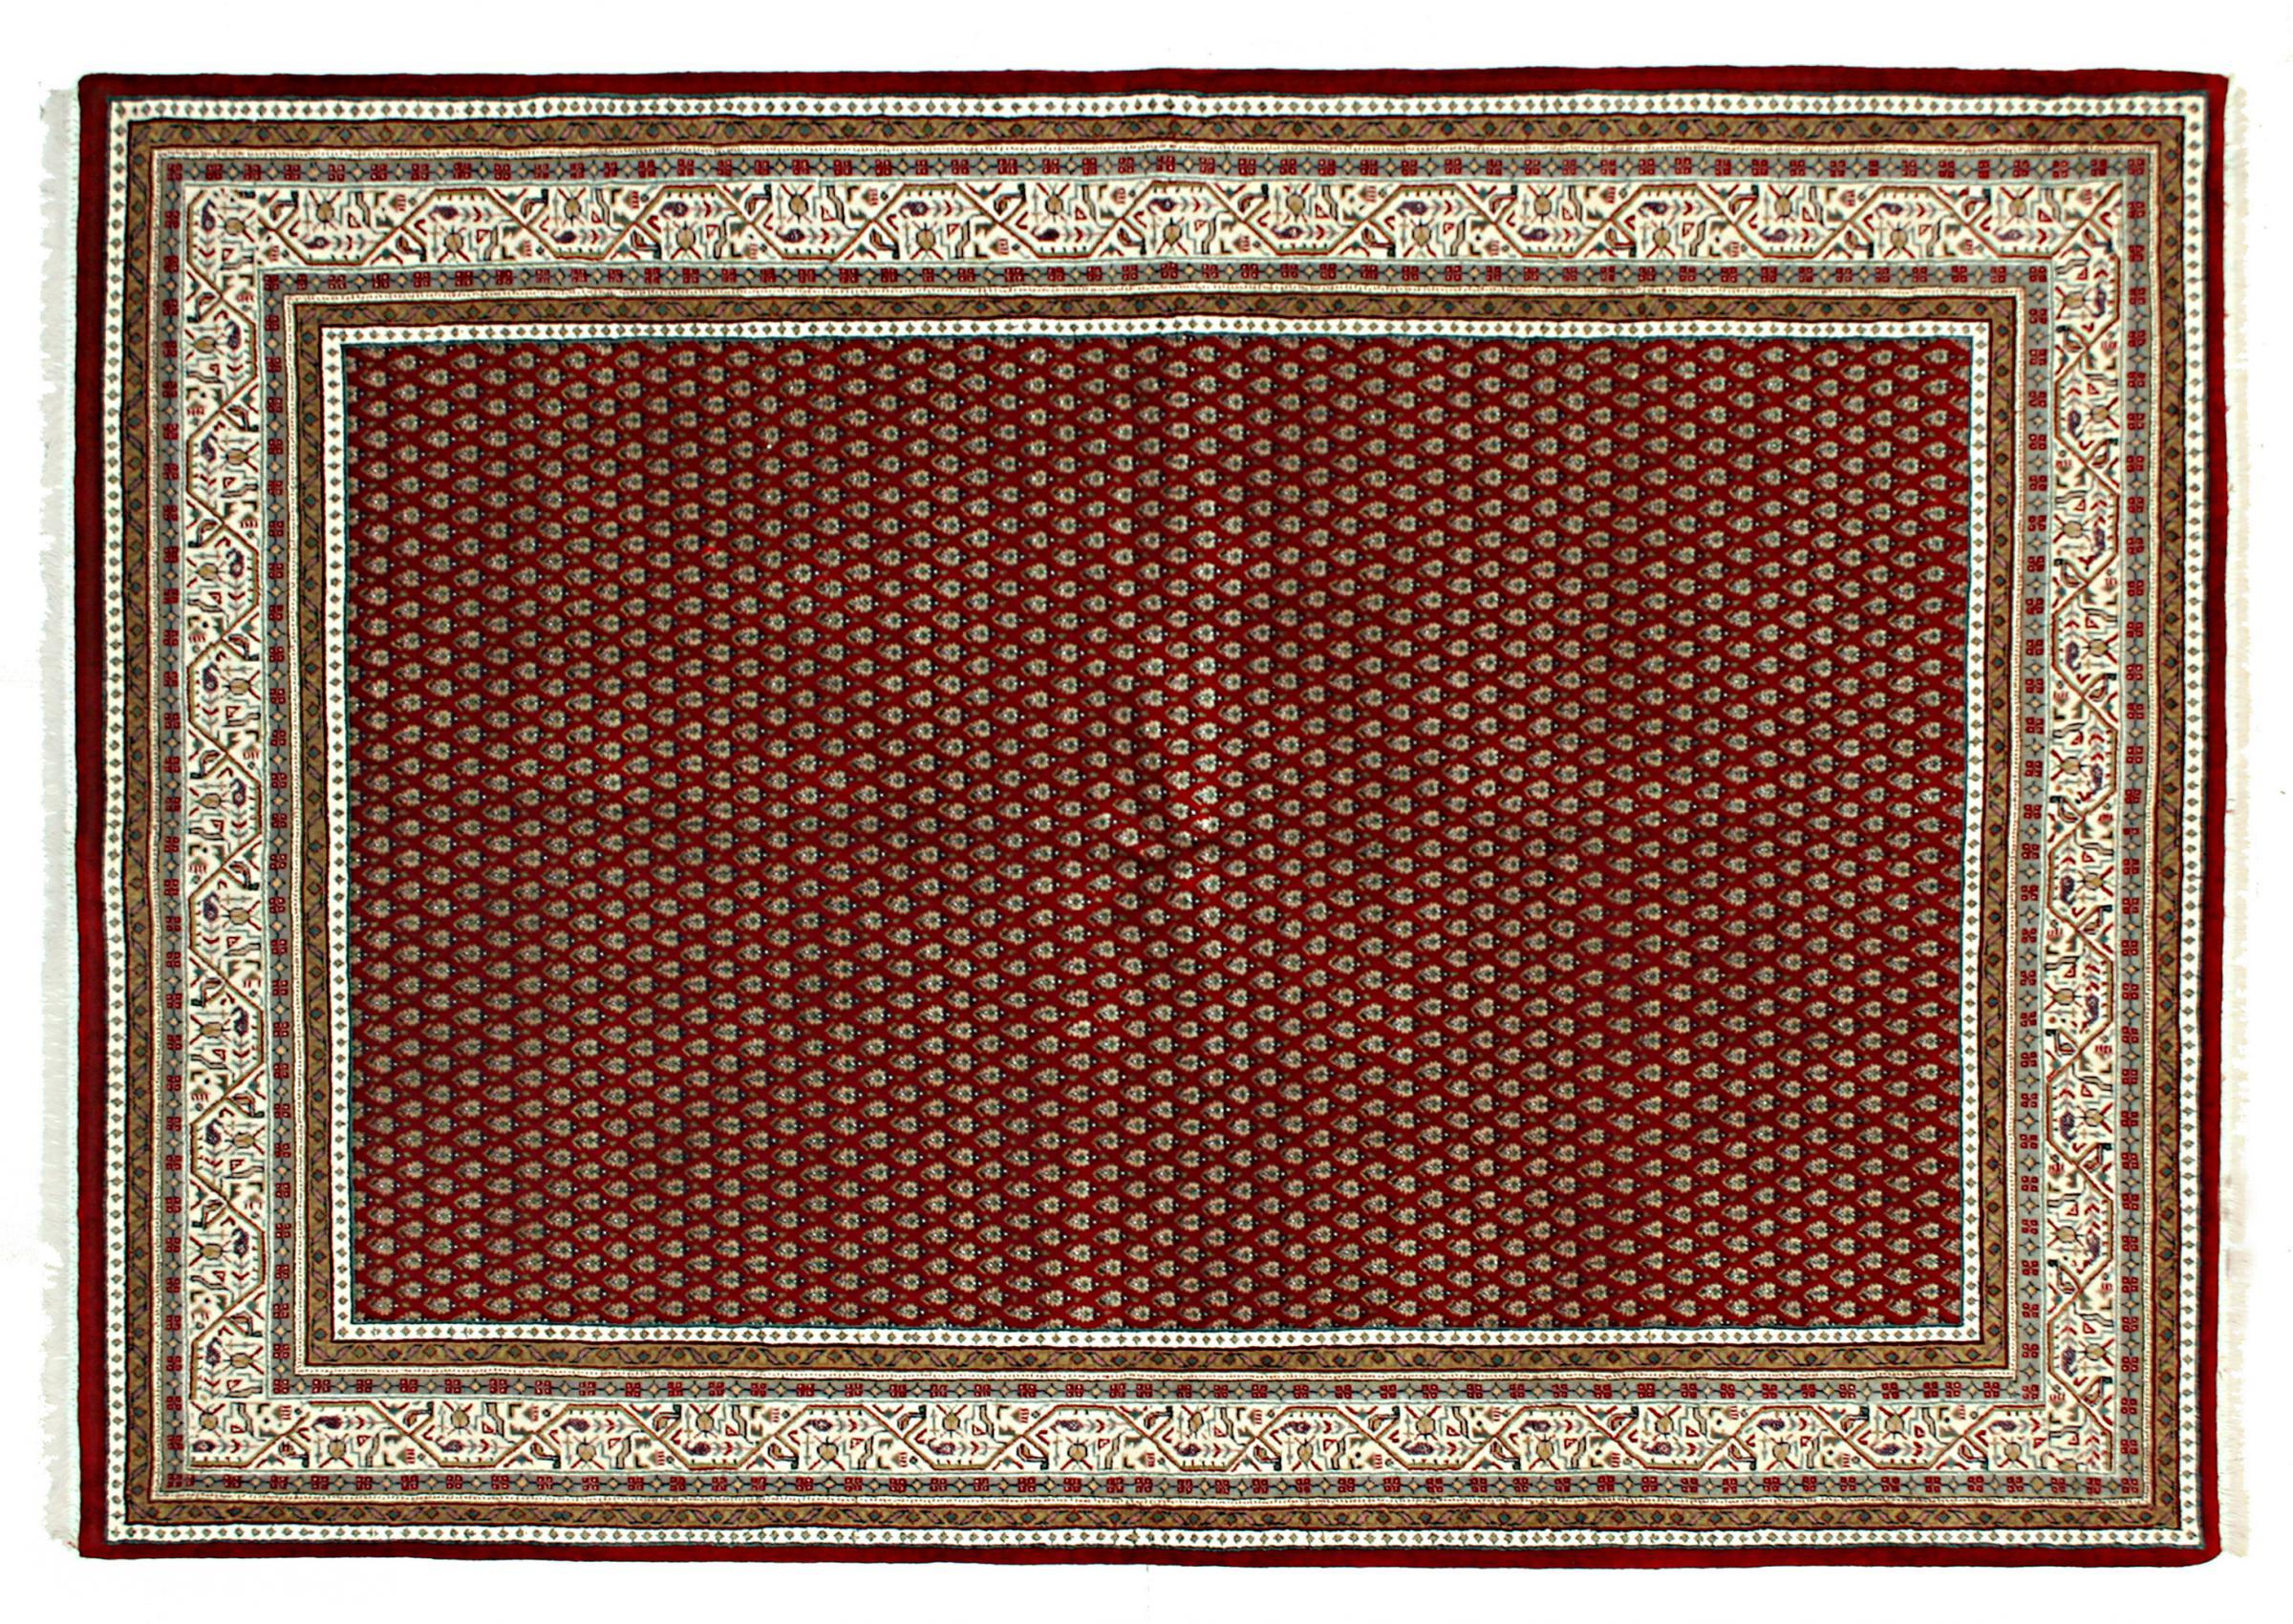 indo mir indischer teppich 337x248 id27481 kaufen sie ihren orientteppich indo mir 350x250 bei. Black Bedroom Furniture Sets. Home Design Ideas